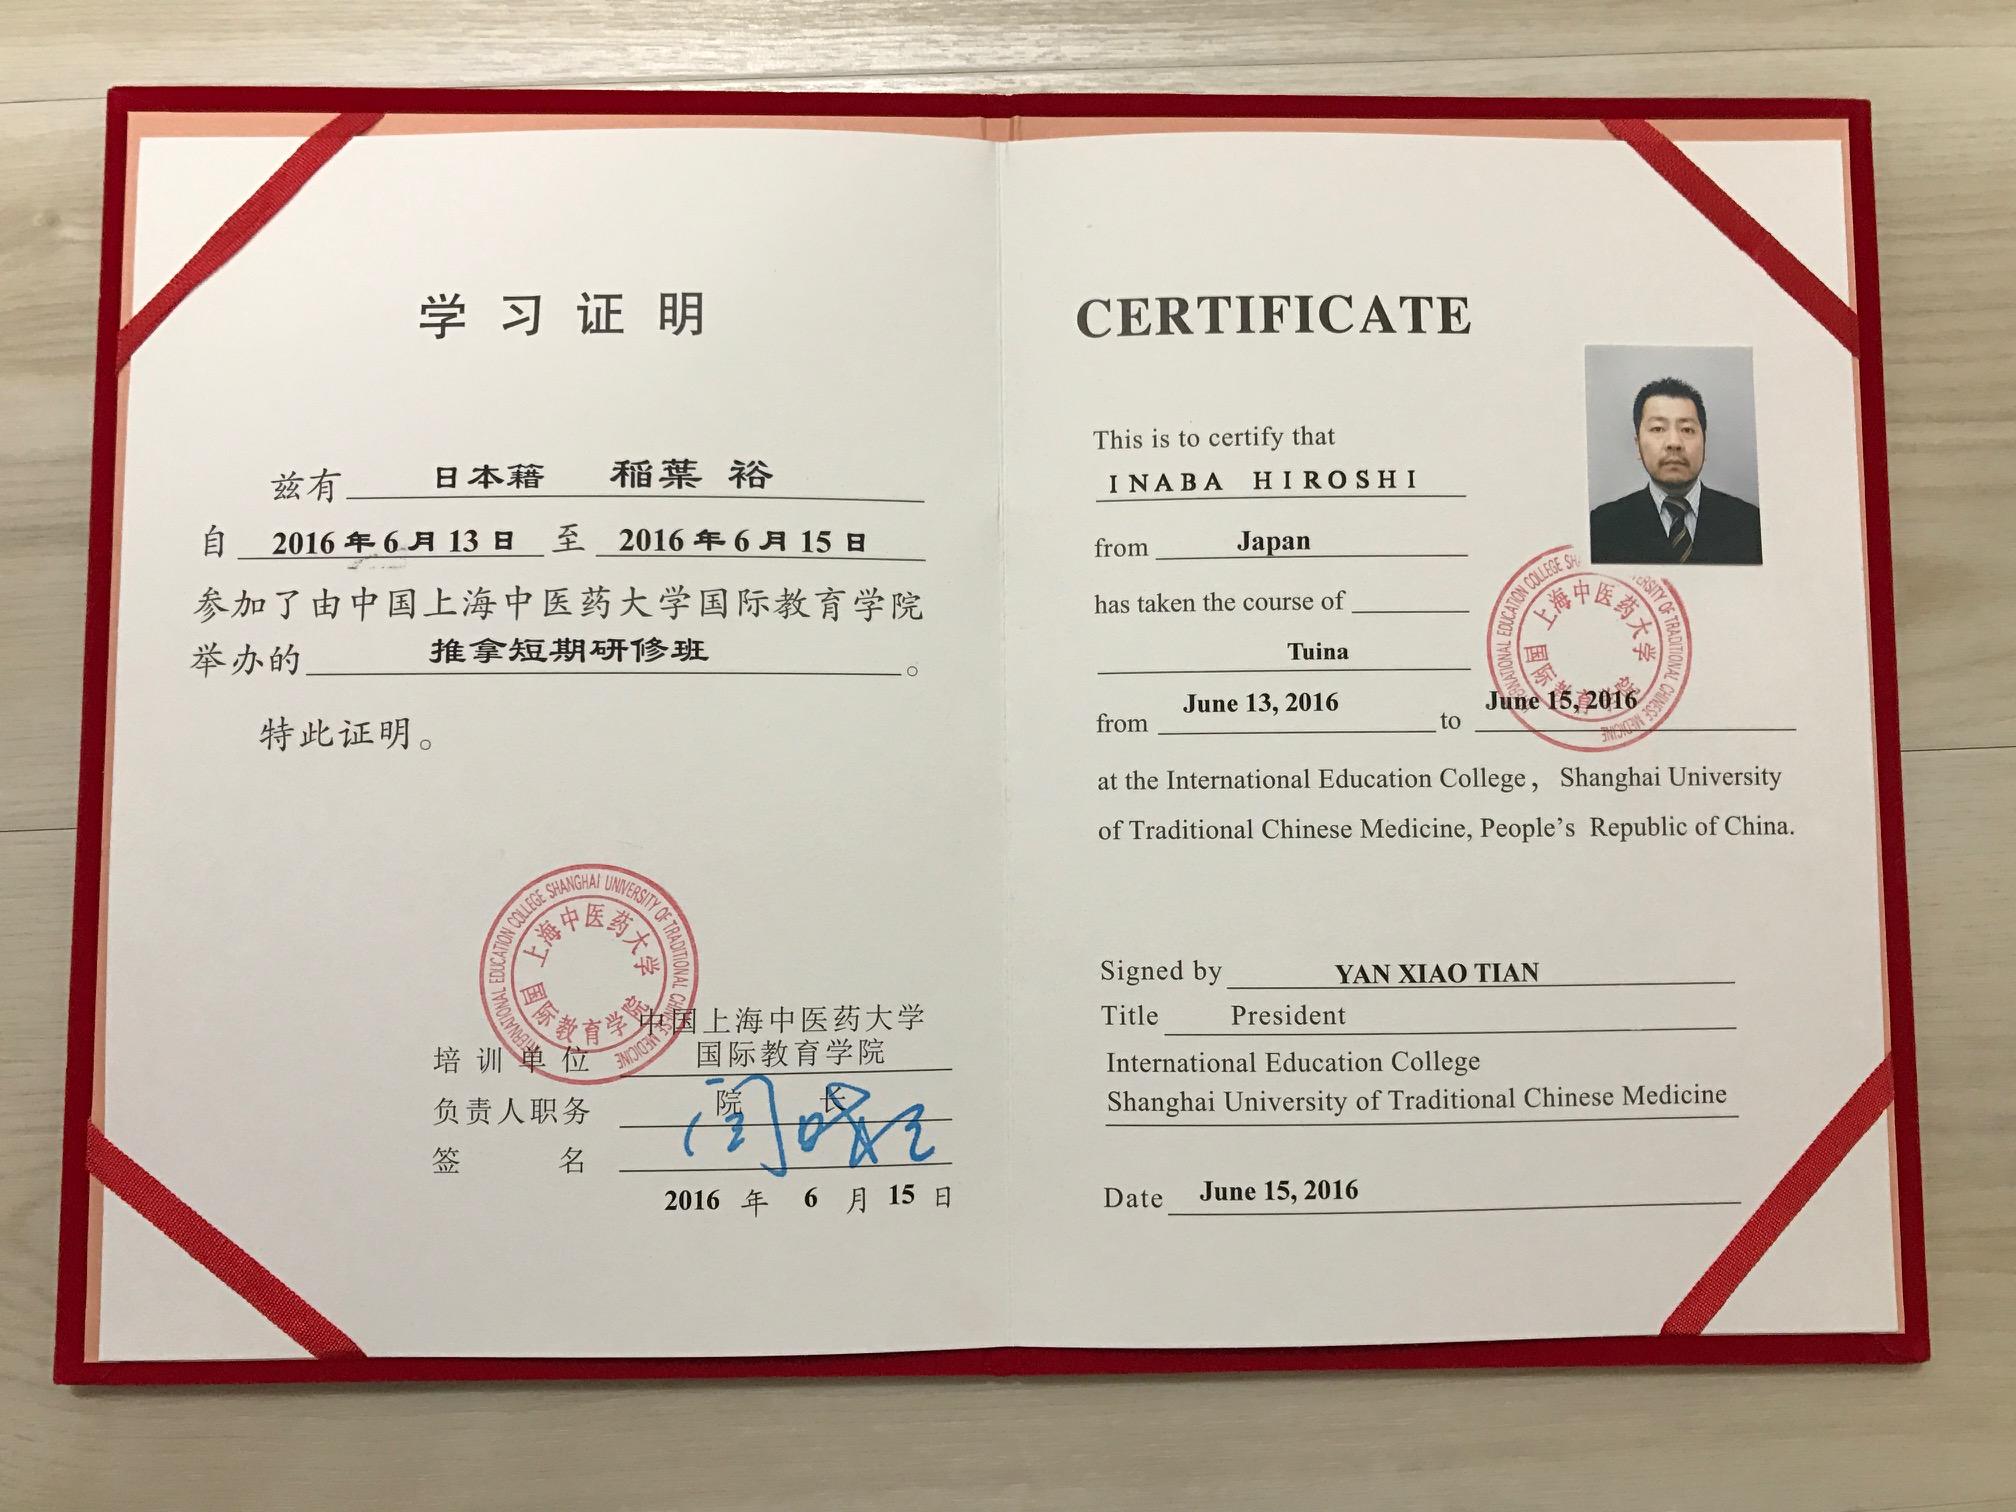 上海中医薬大学発行の修了証書